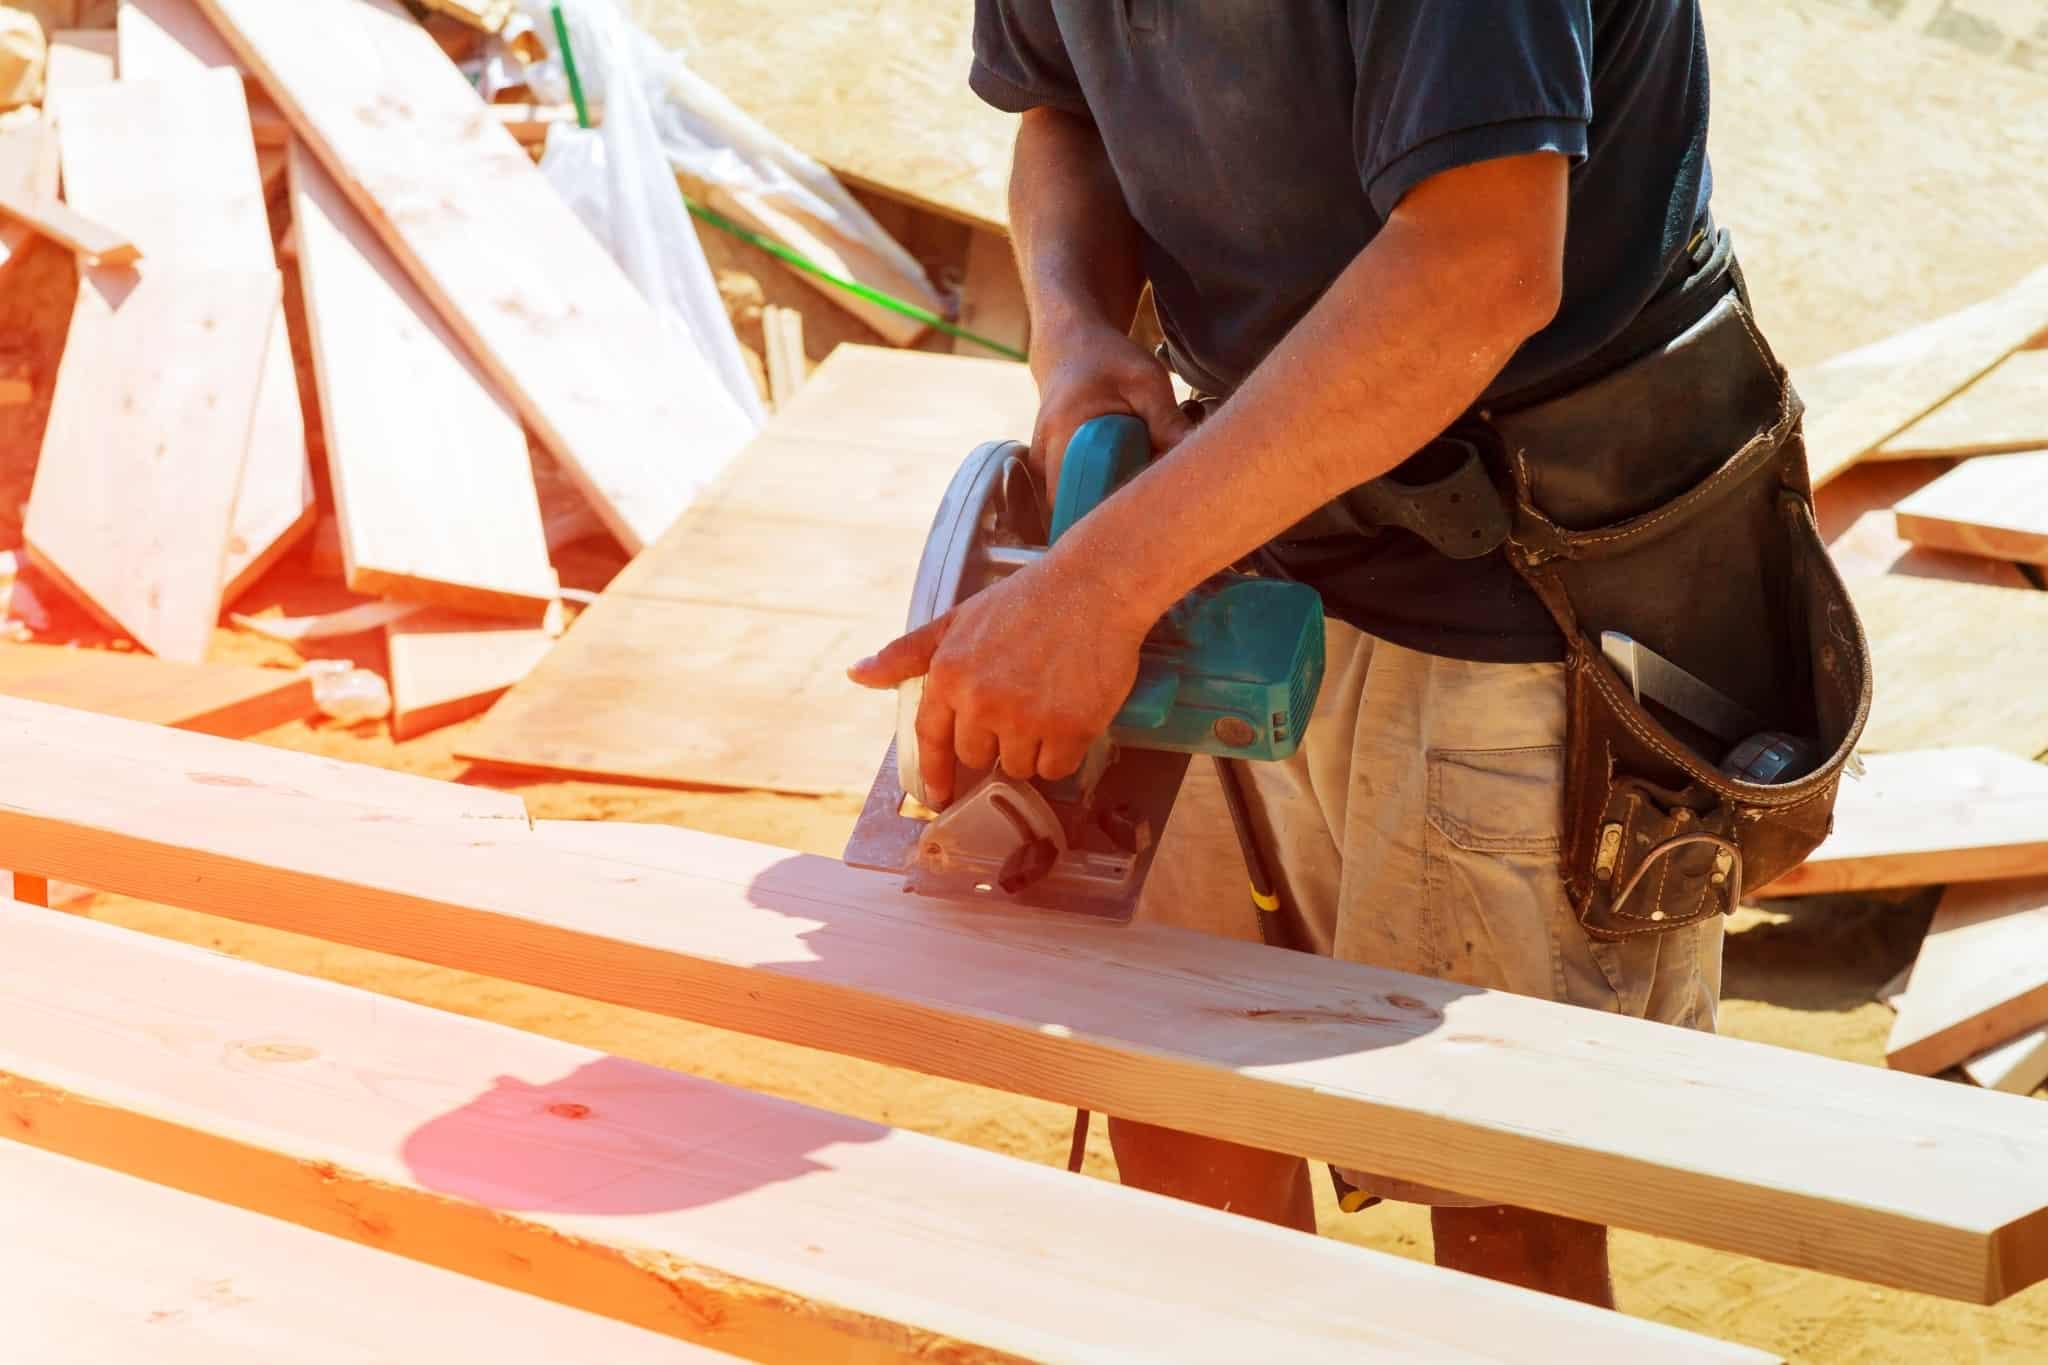 construtor a cortar tabuas de madeira com ferramenta